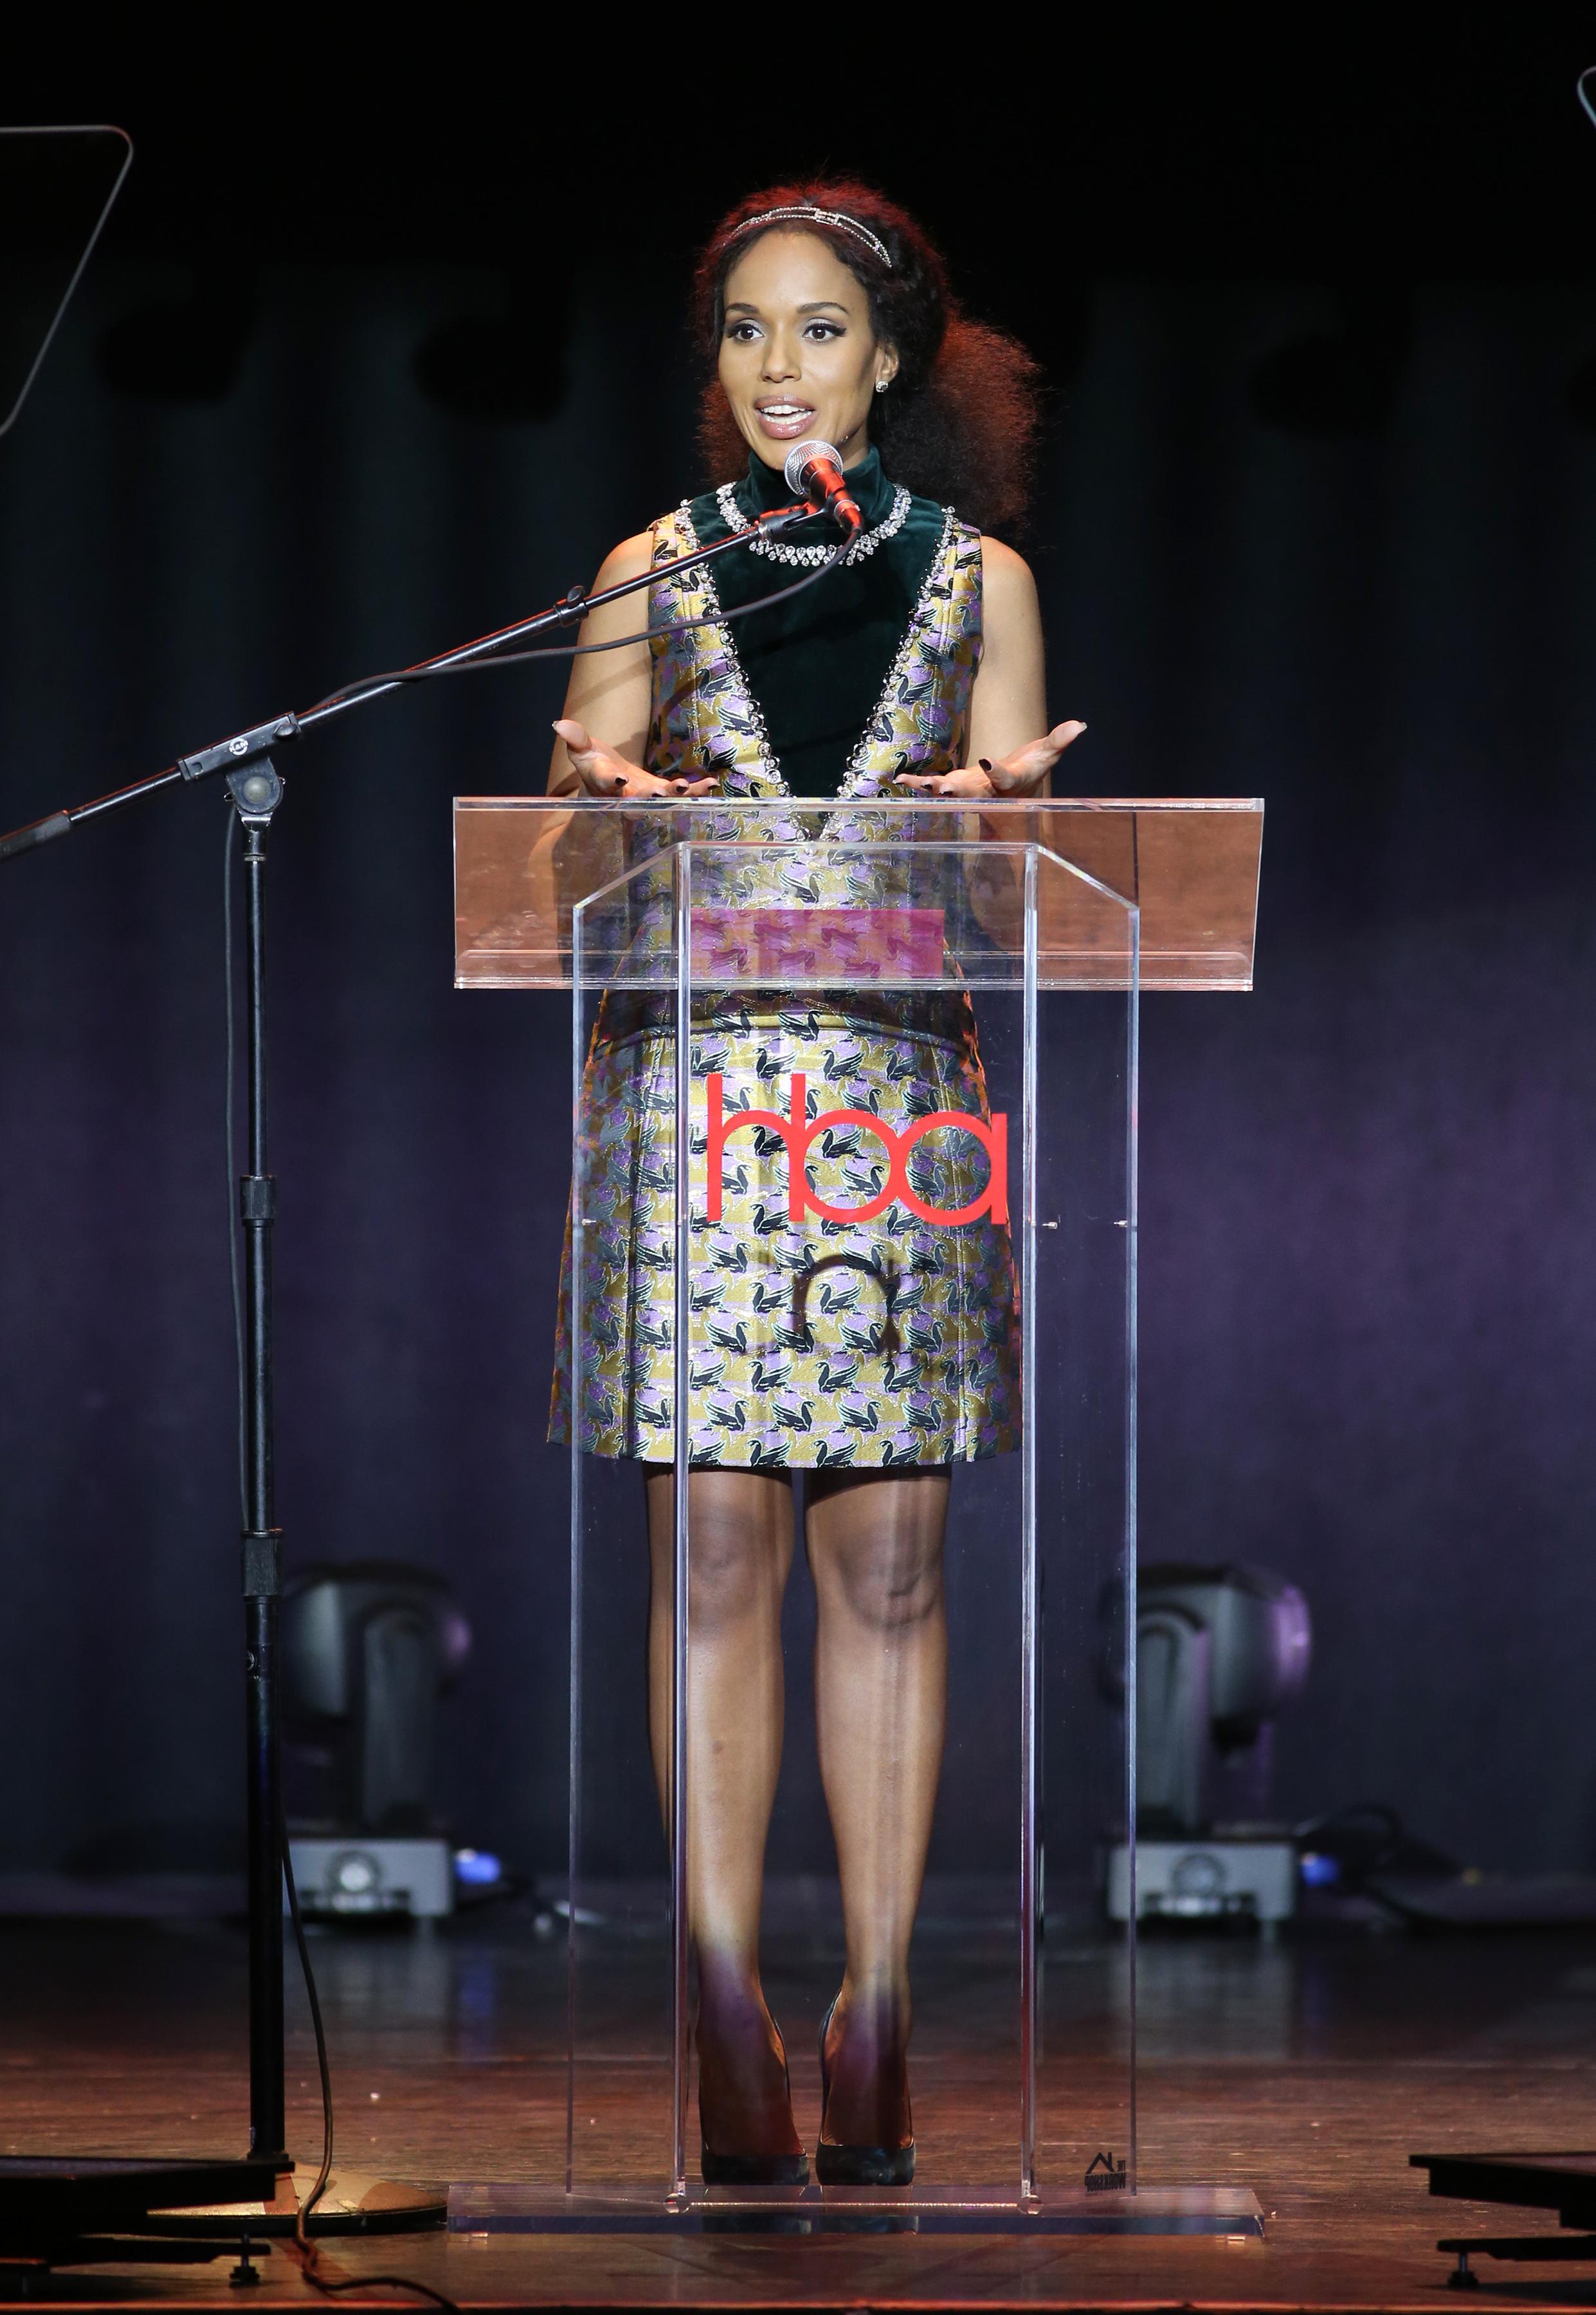 Kerry Washington | Feb 25, 2018, Hollywood Beauty Awards held at the Avalon